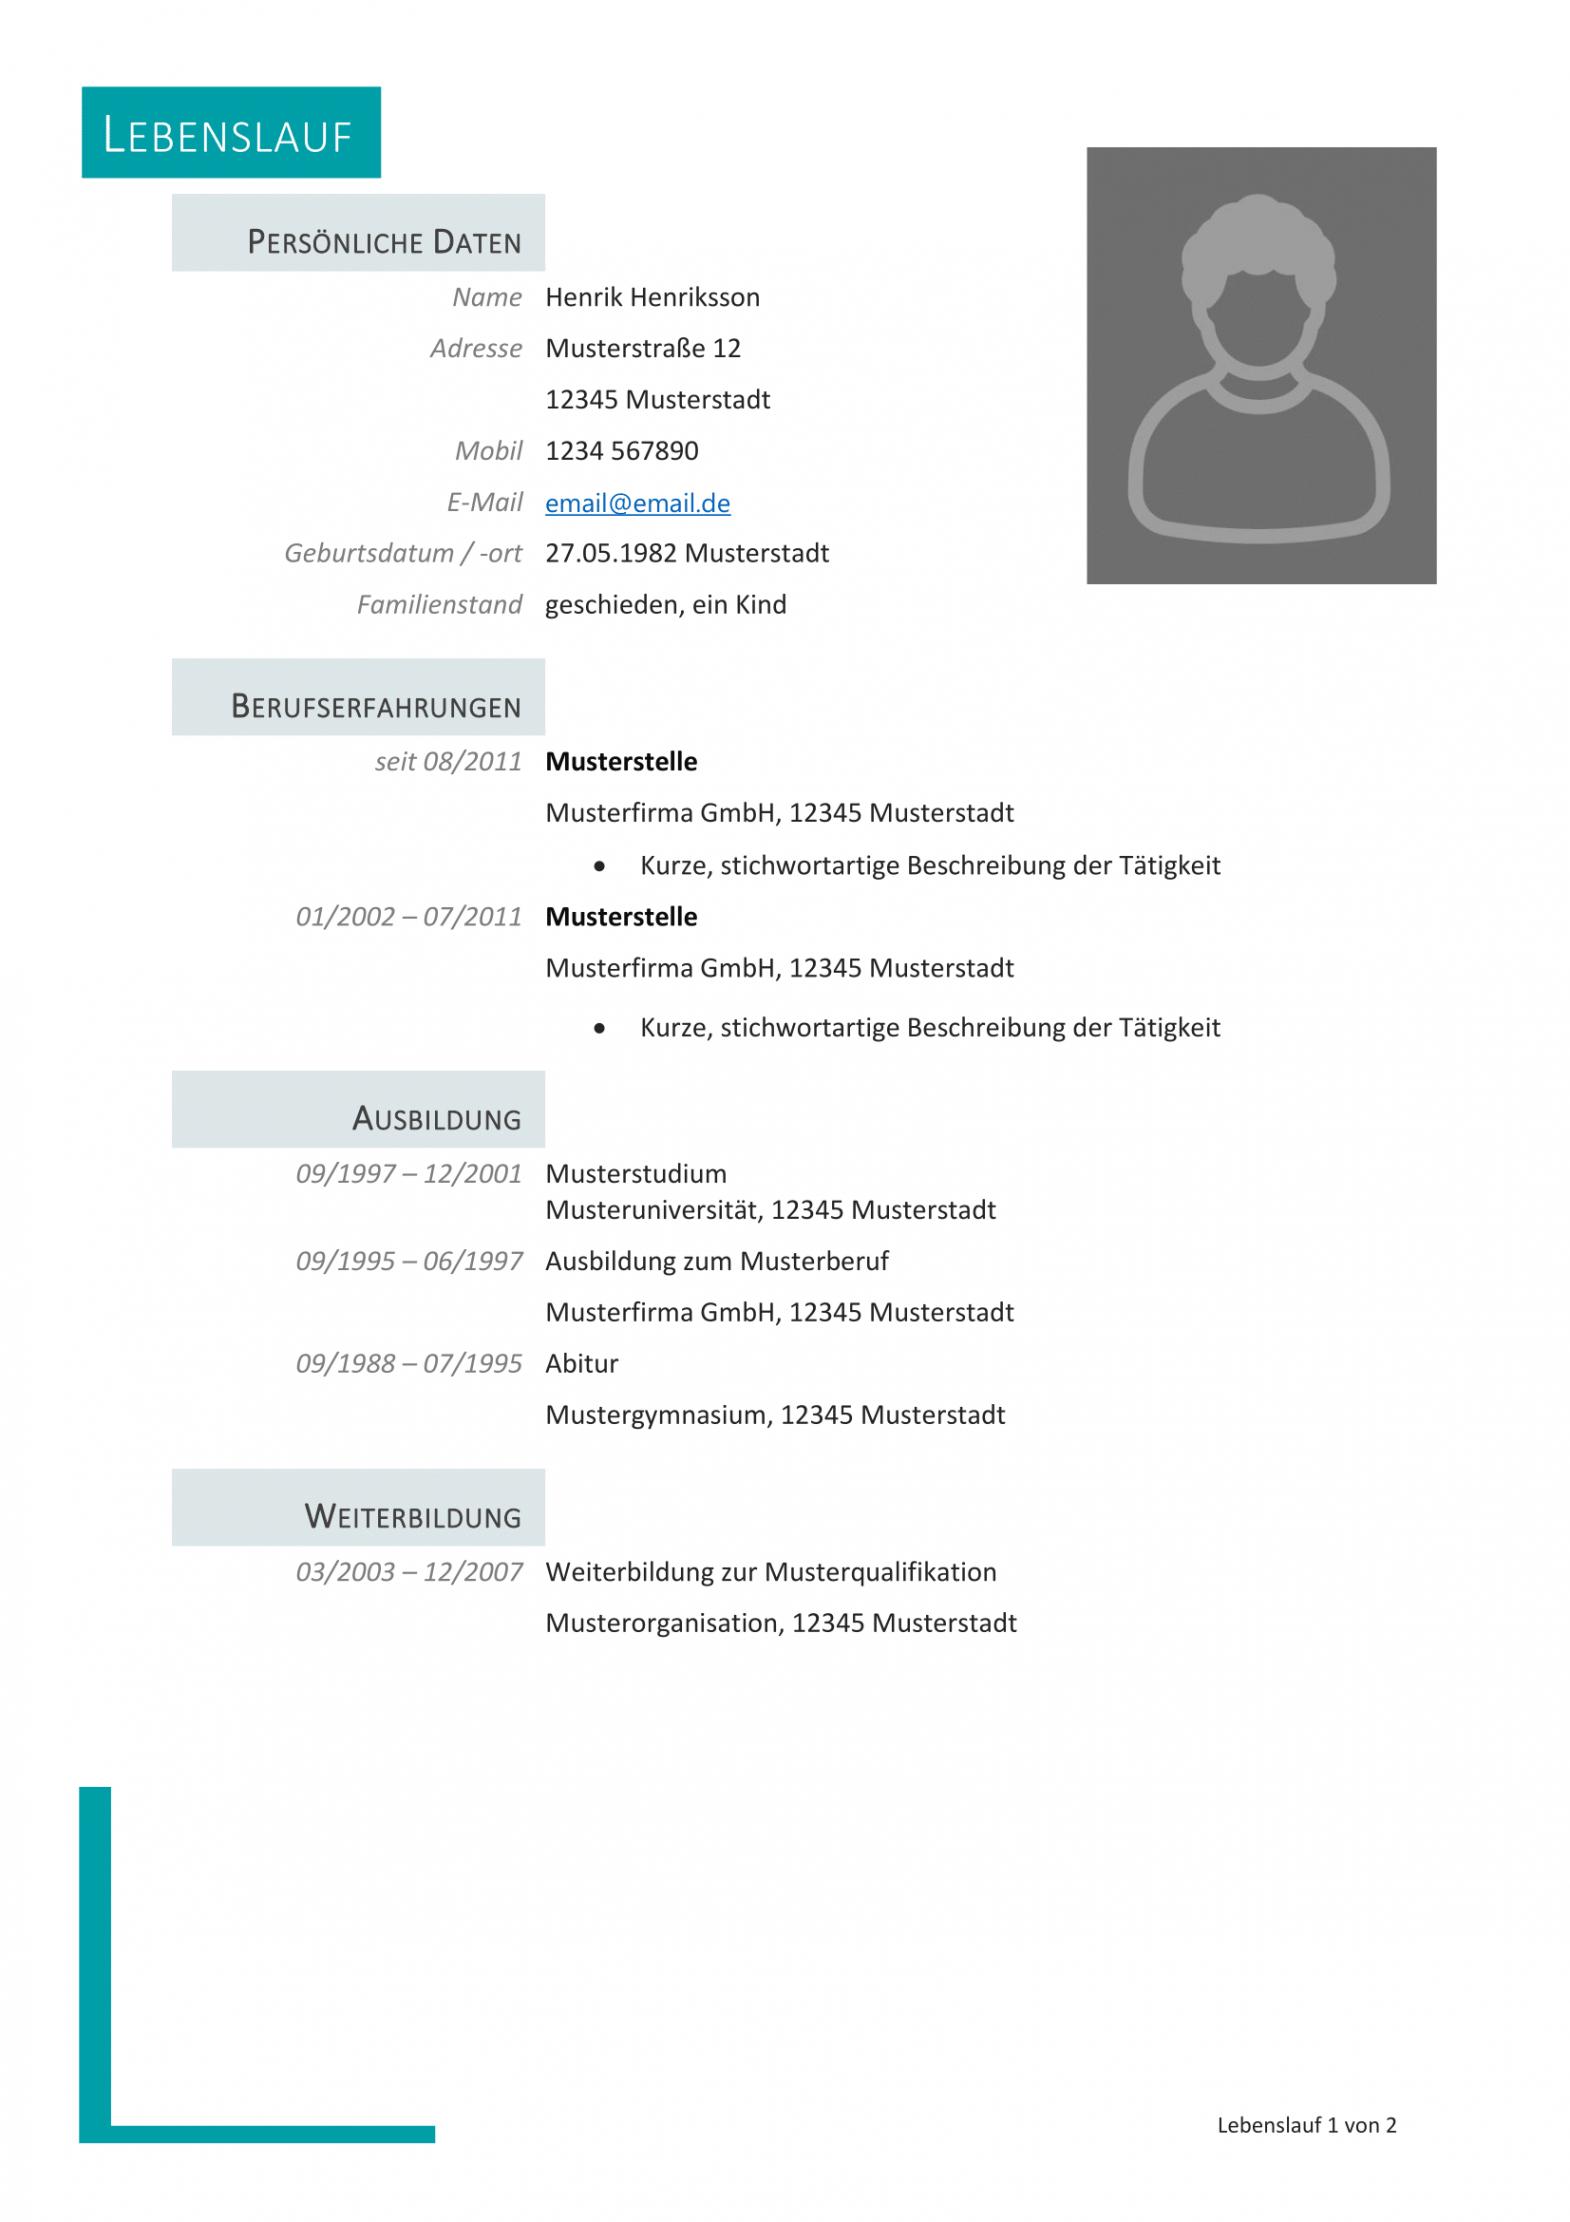 Porbe von  Kostenlose Lebenslauf Muster Und Vorlagen Für Deine Bewerbung 2018 Vorlage Lebenslauf Studium